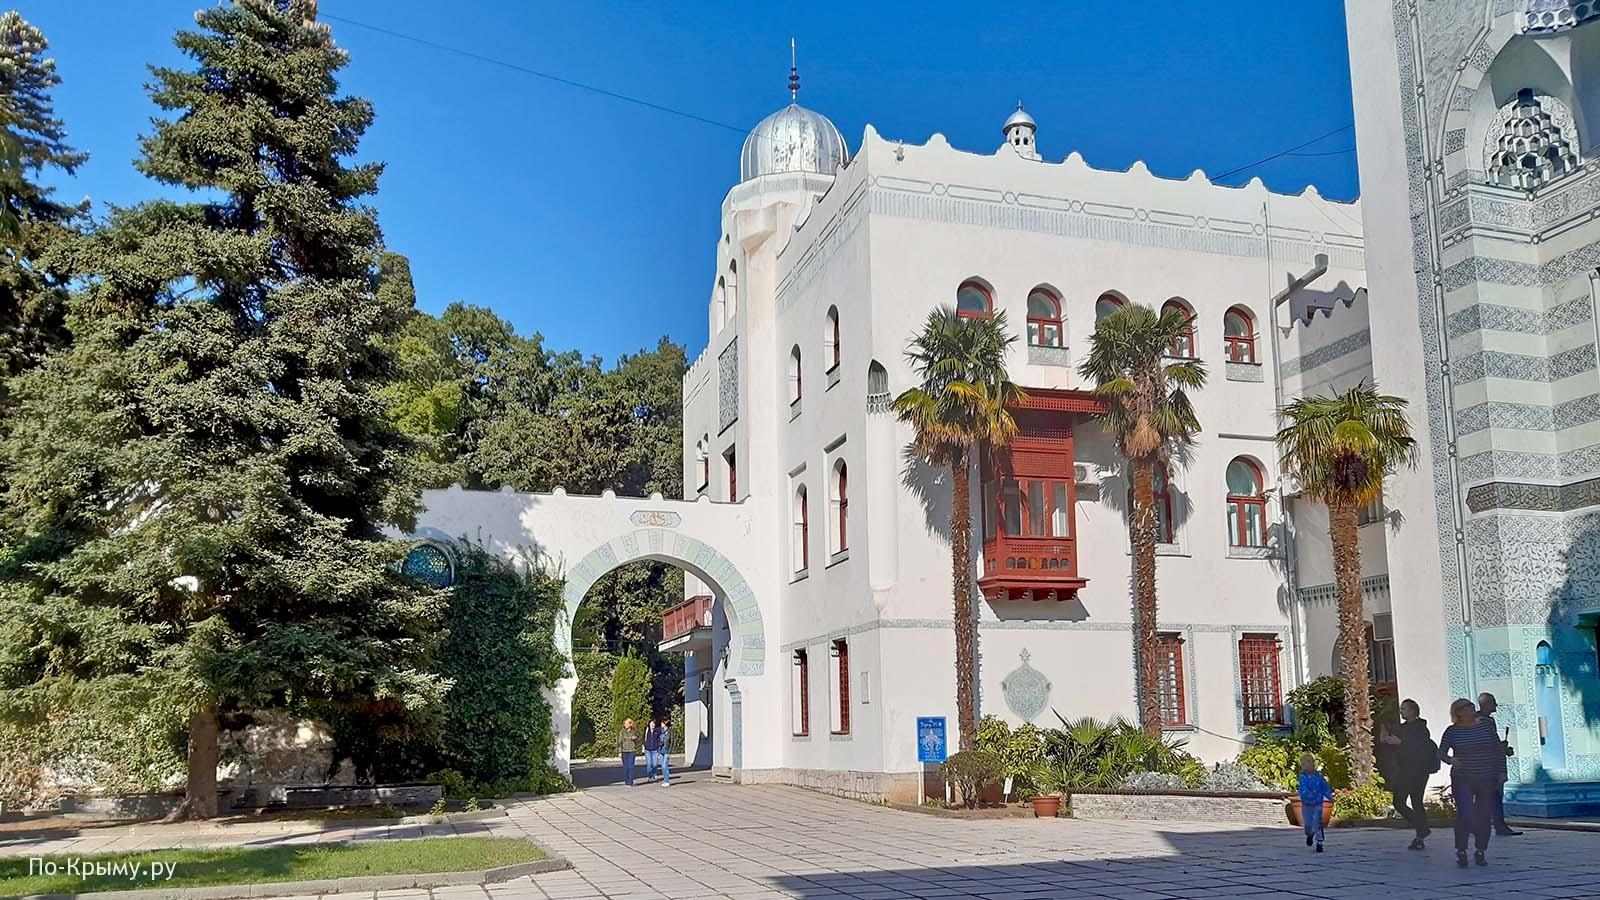 Дворец Дюльбер - резные балконы, арки